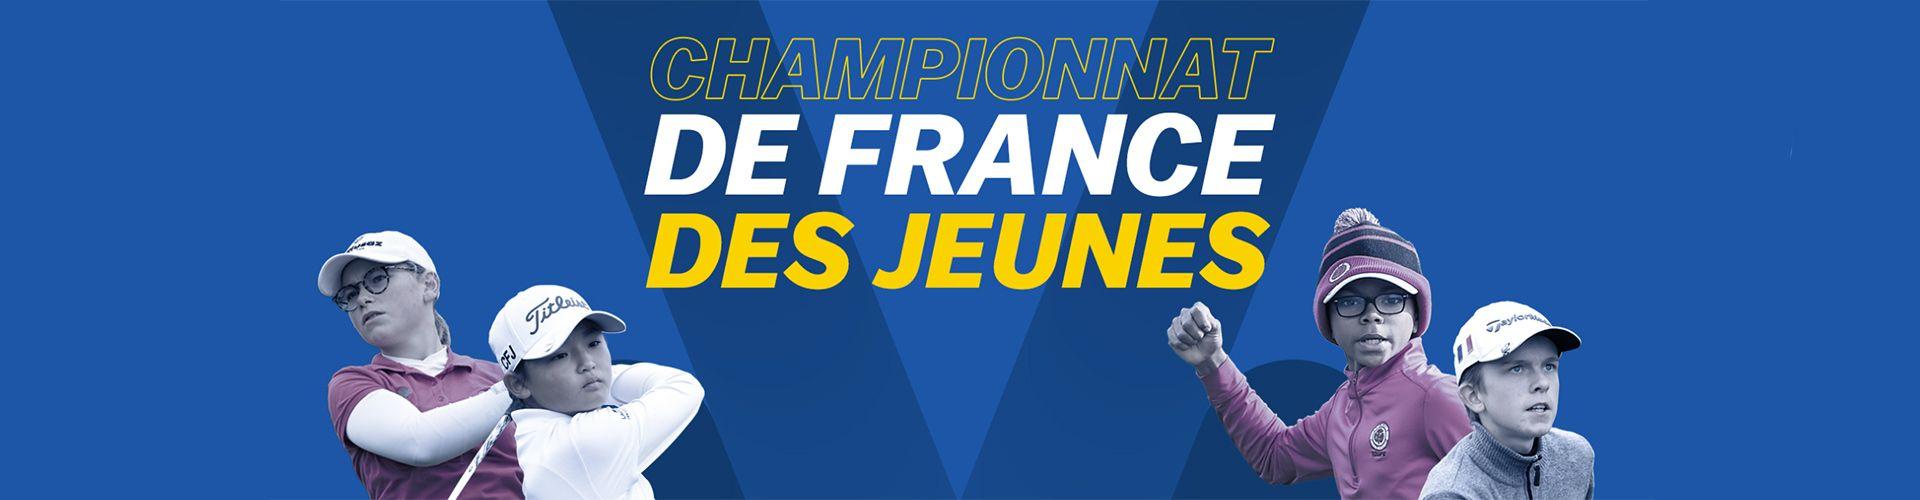 Championnats de France Jeunes U12-Benjamins